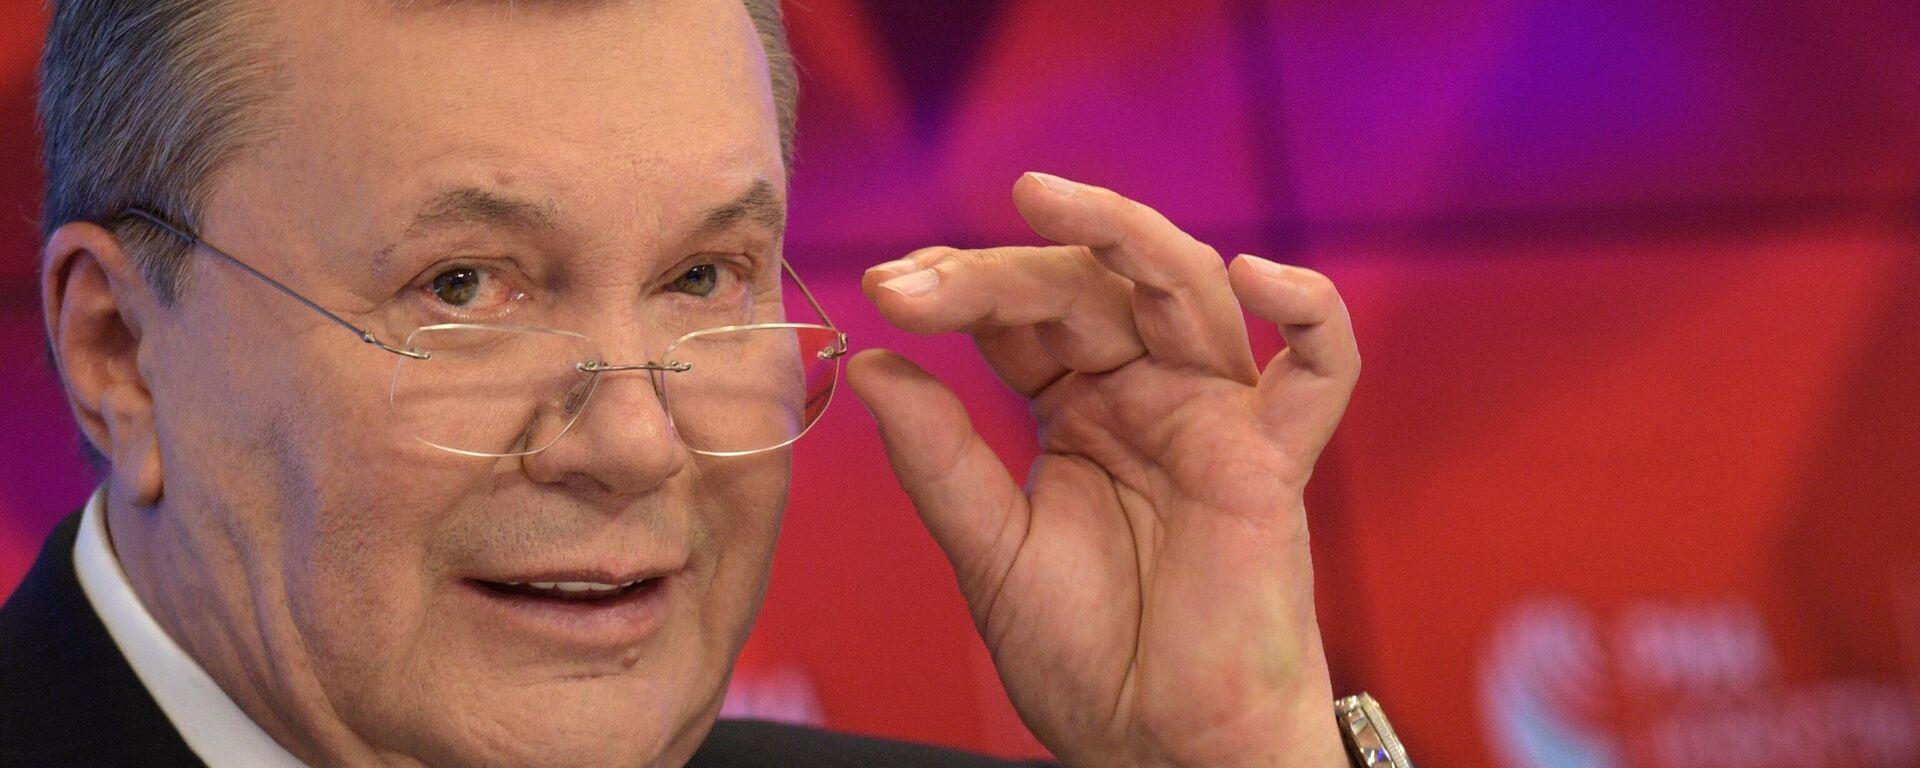 Ehemaliger ukrainischer Präsident Viktor Yanukowitsch - SNA, 1920, 17.08.2021